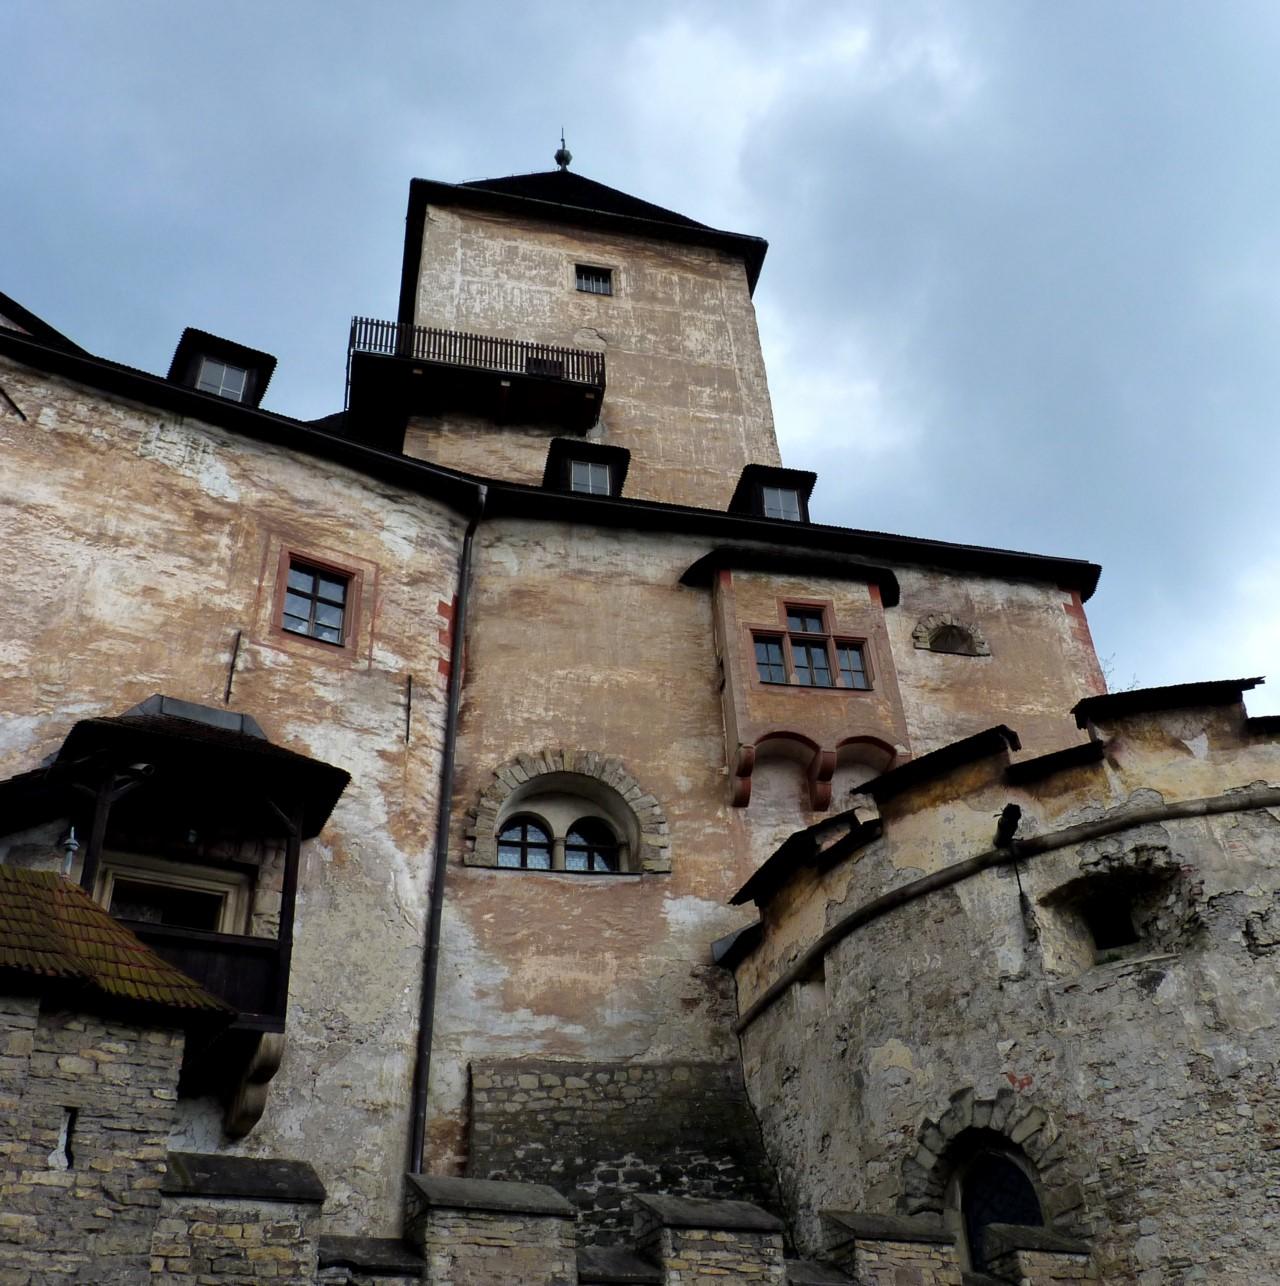 То есть, в дополнение к Верхнему и Среднему замкам, появился третий - Нижний замок. Вообще, в истори